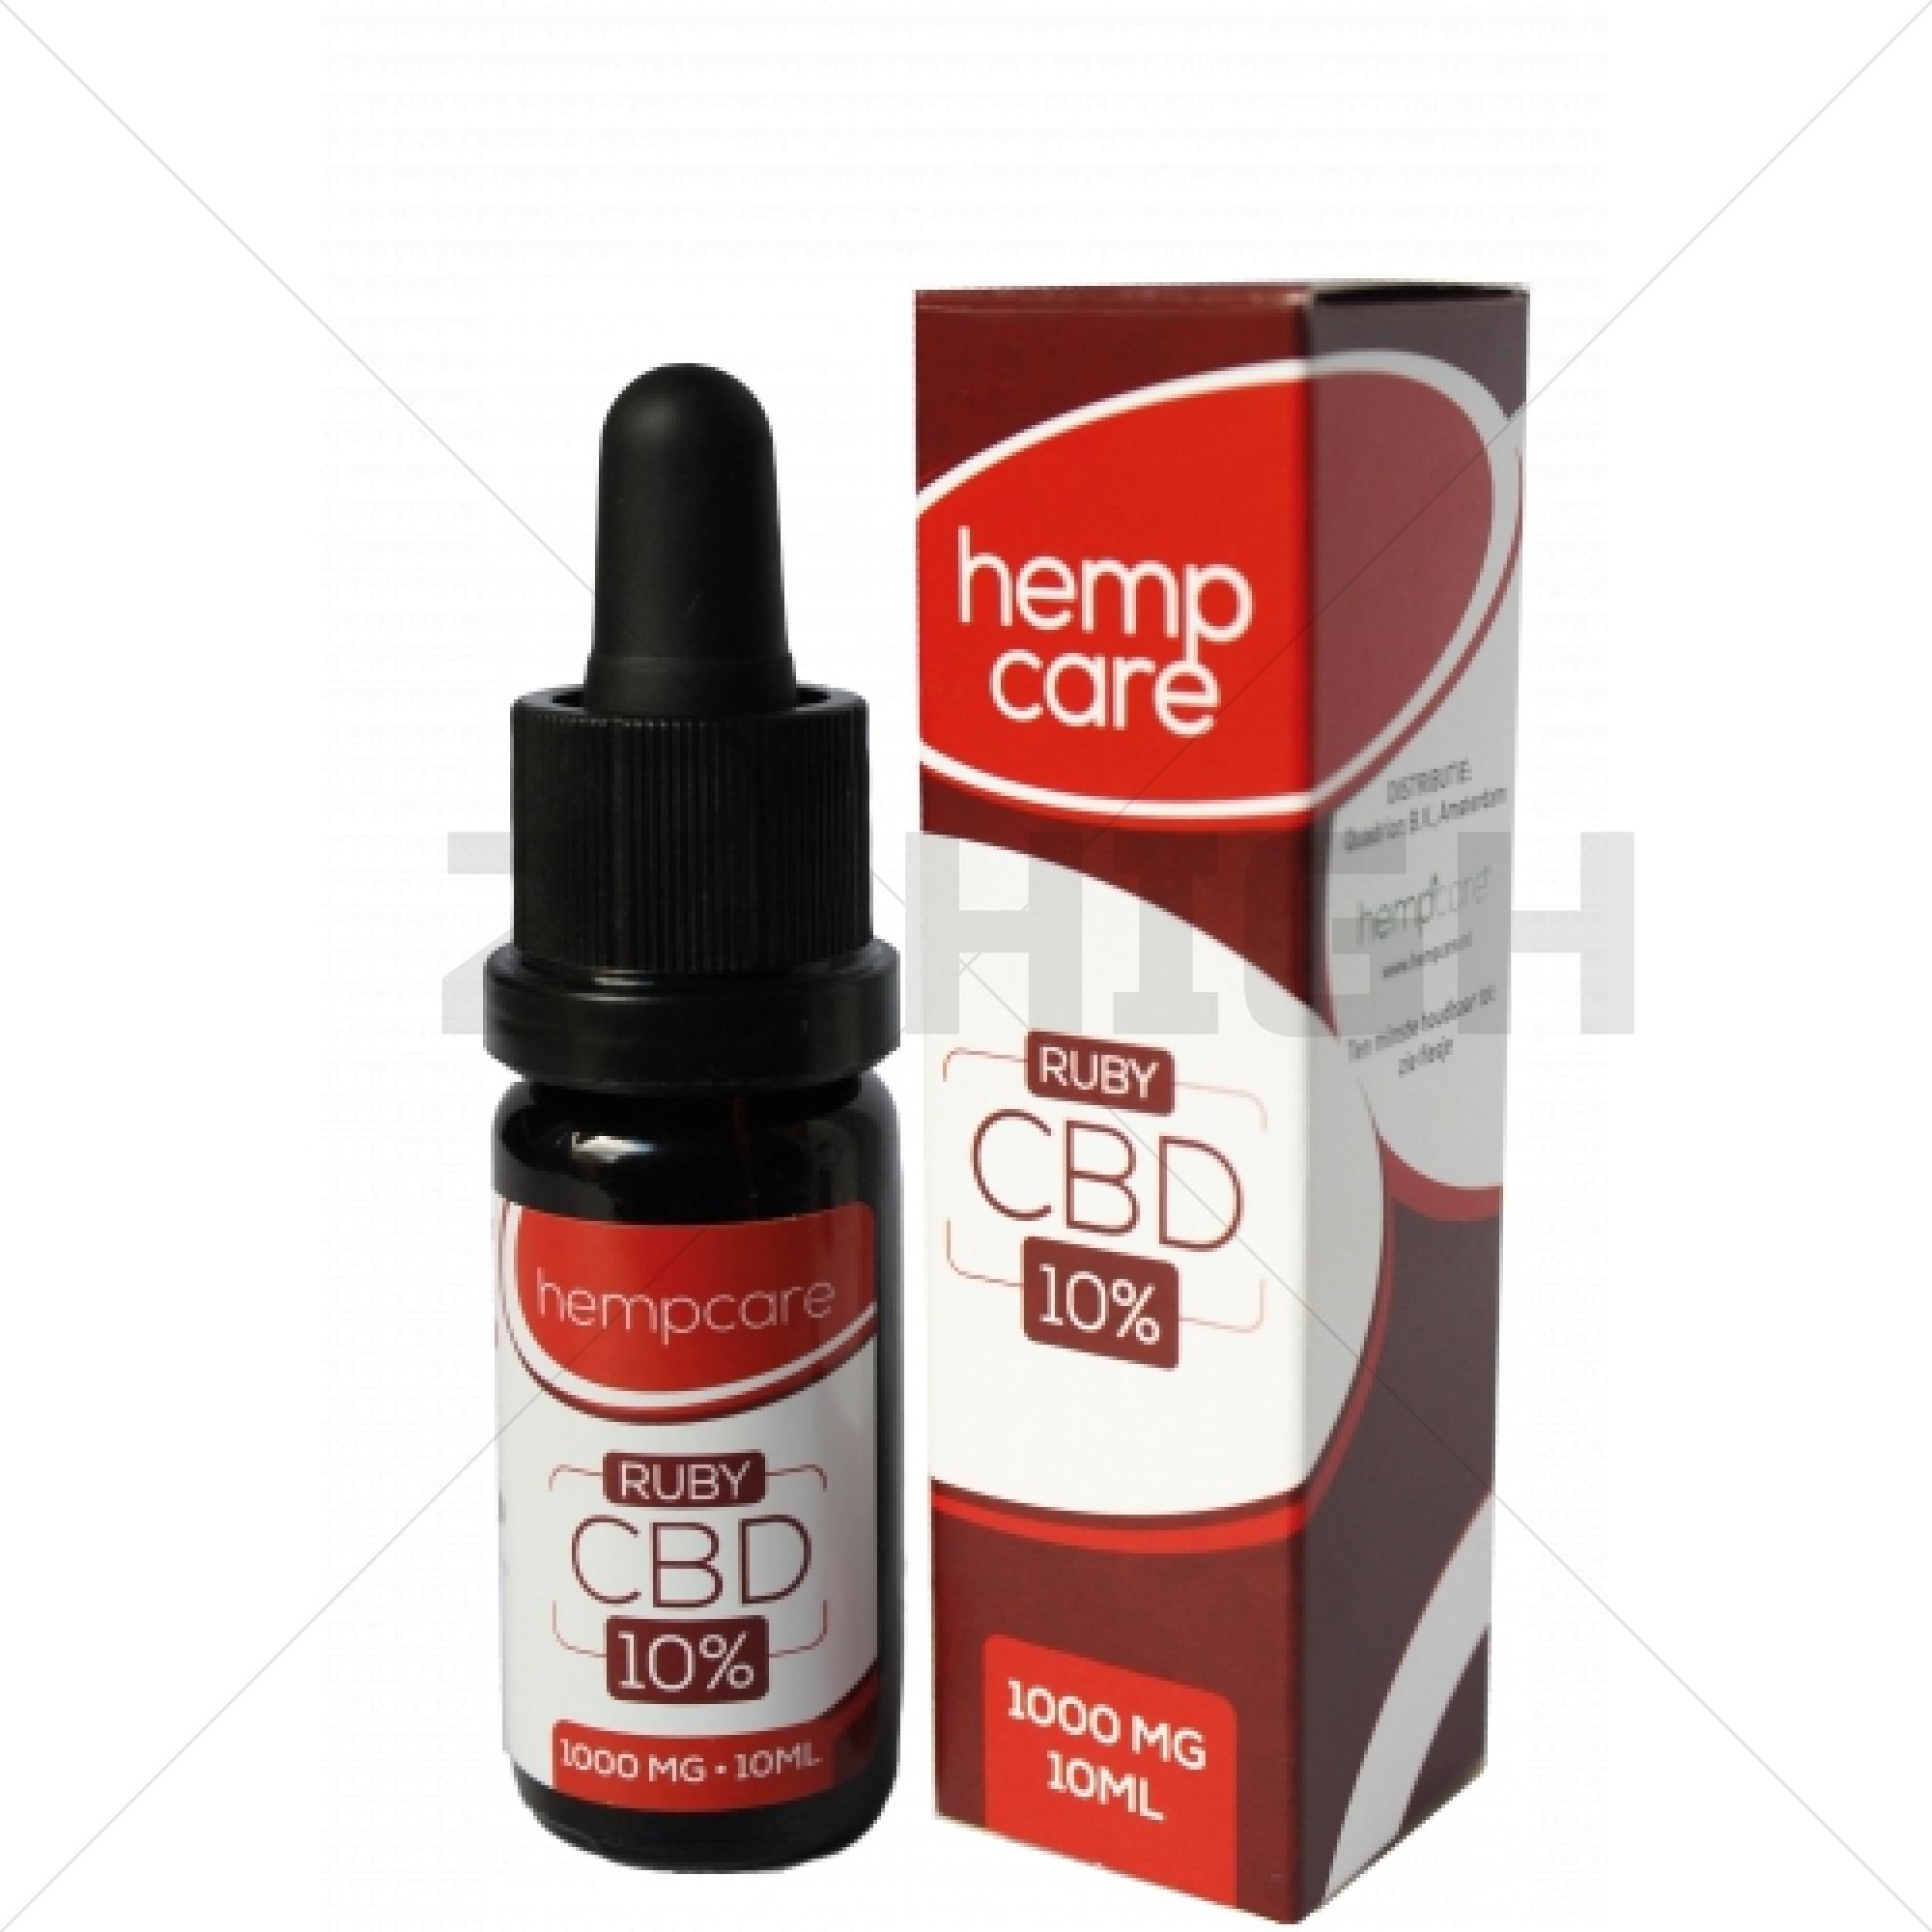 HempCare RUBY - 10% CBD